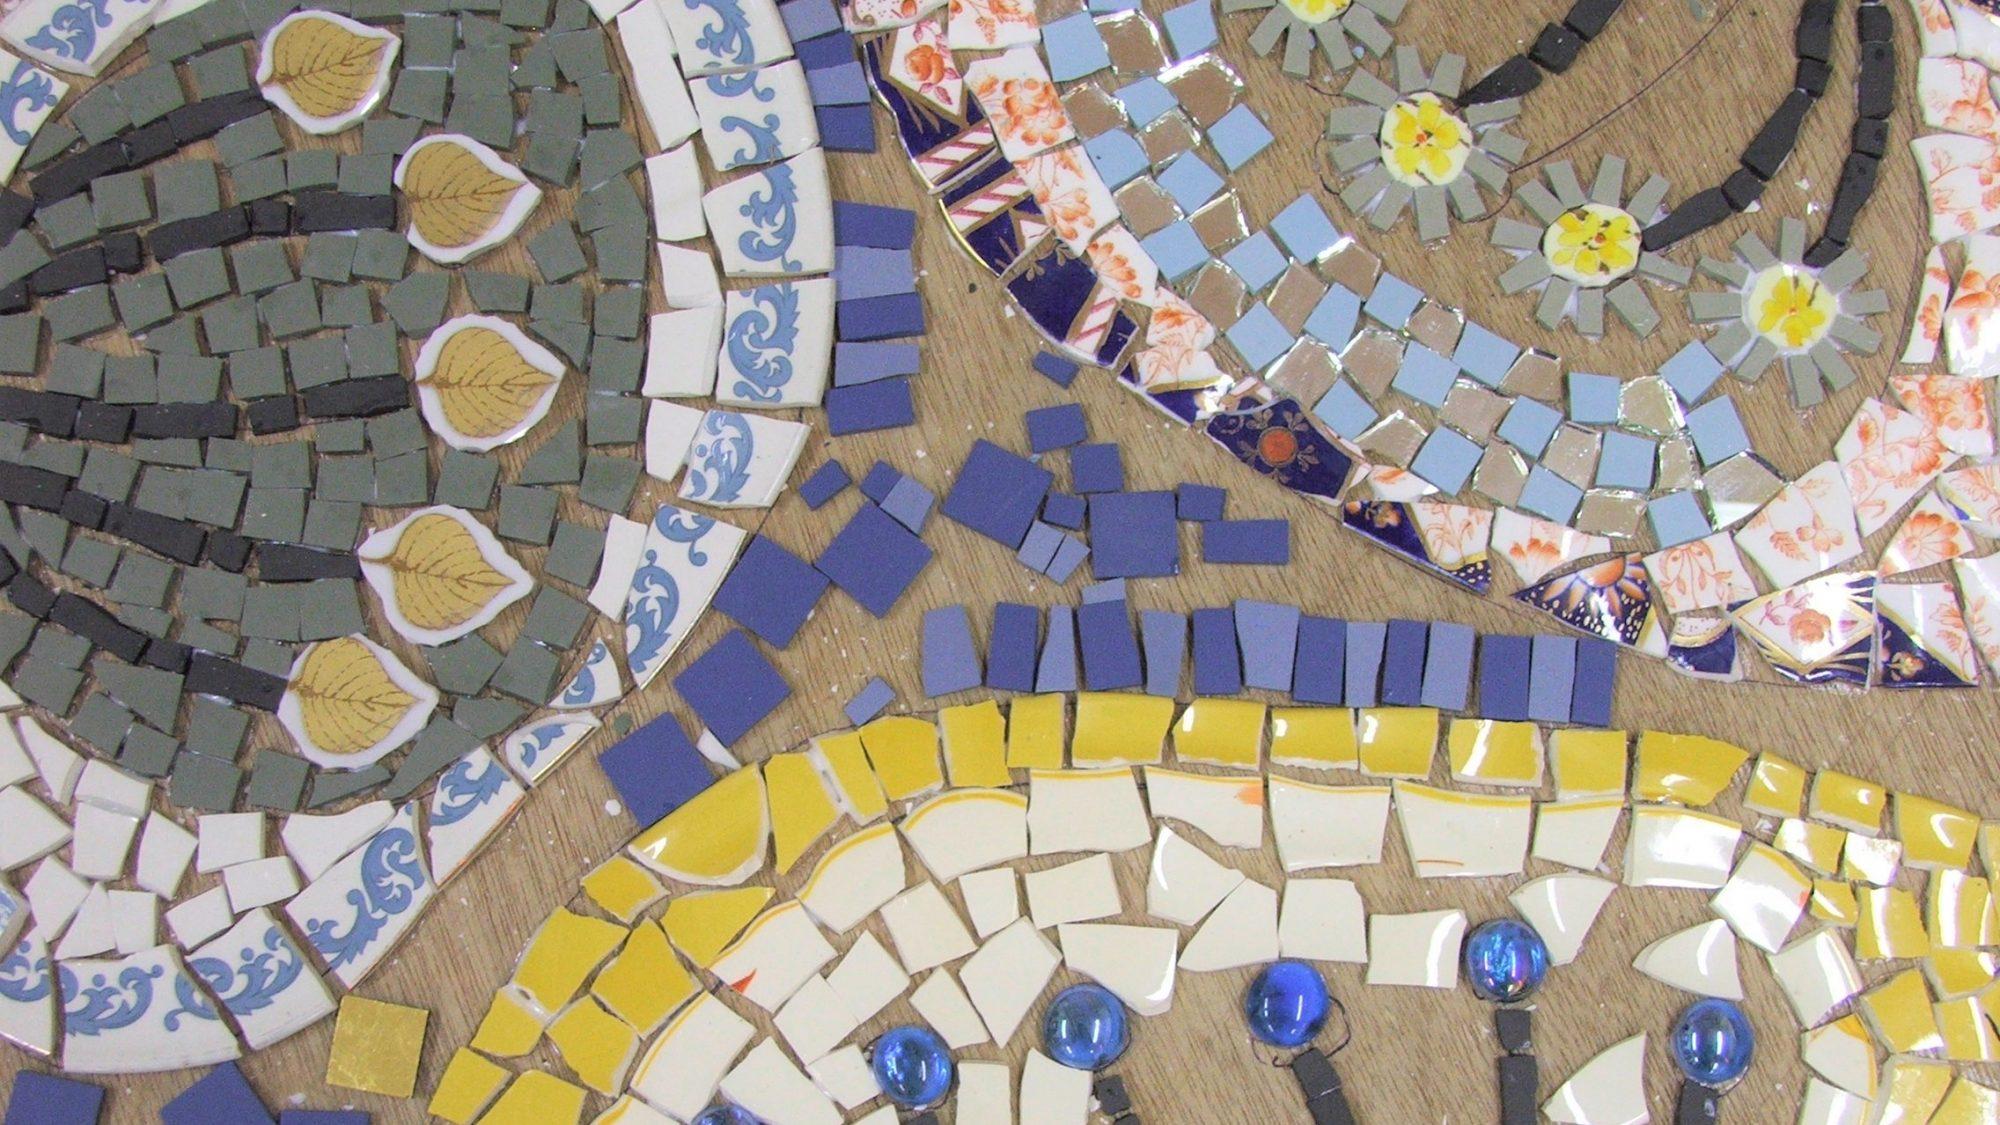 Mosaic flowers art work in progress